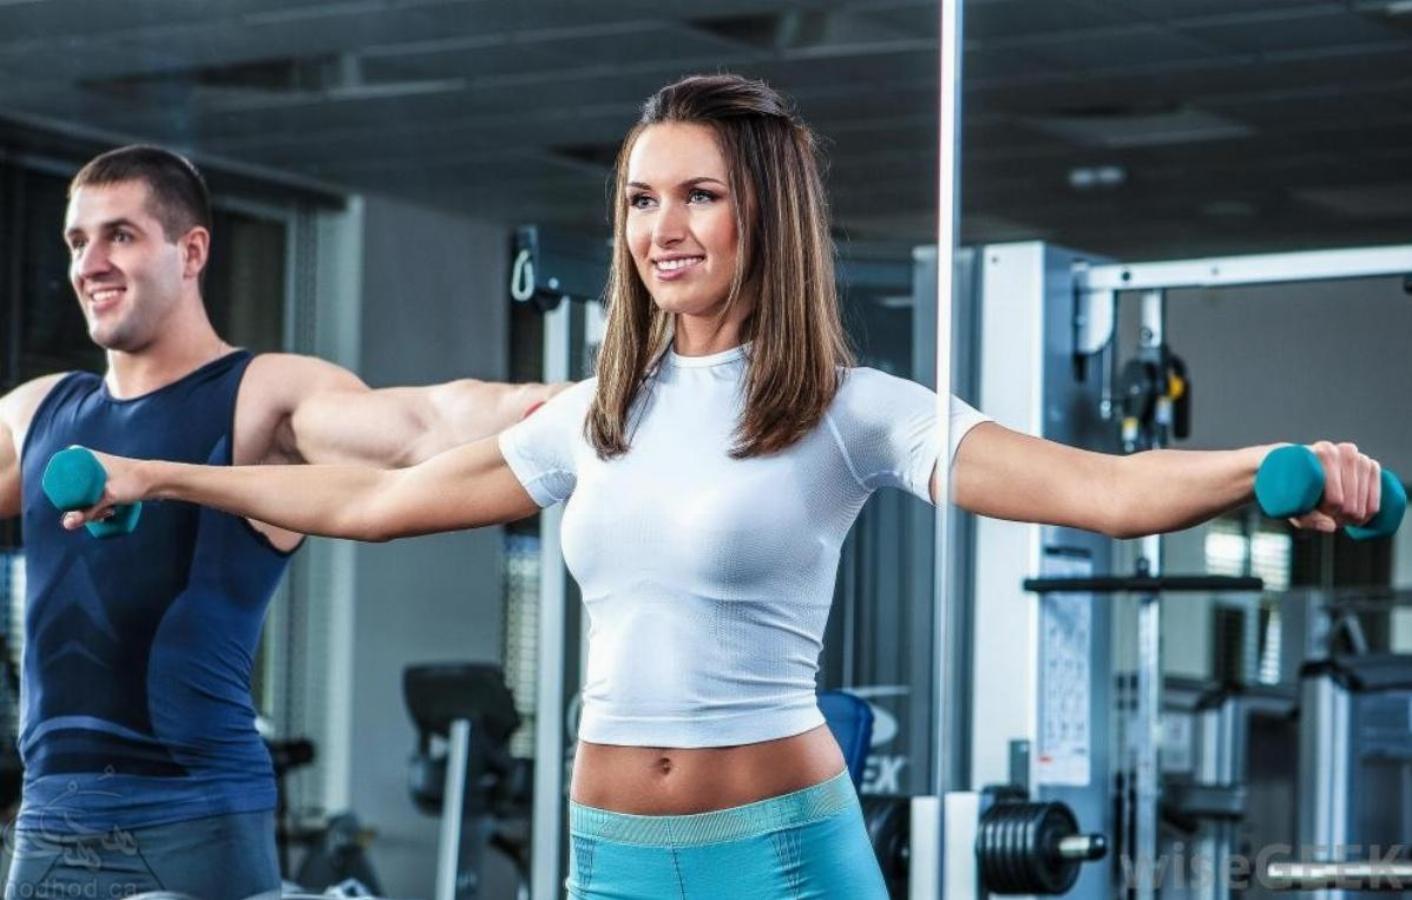 آموزش بدن سازی و تناسب اندام: آشنایی با عضلات سرشانه